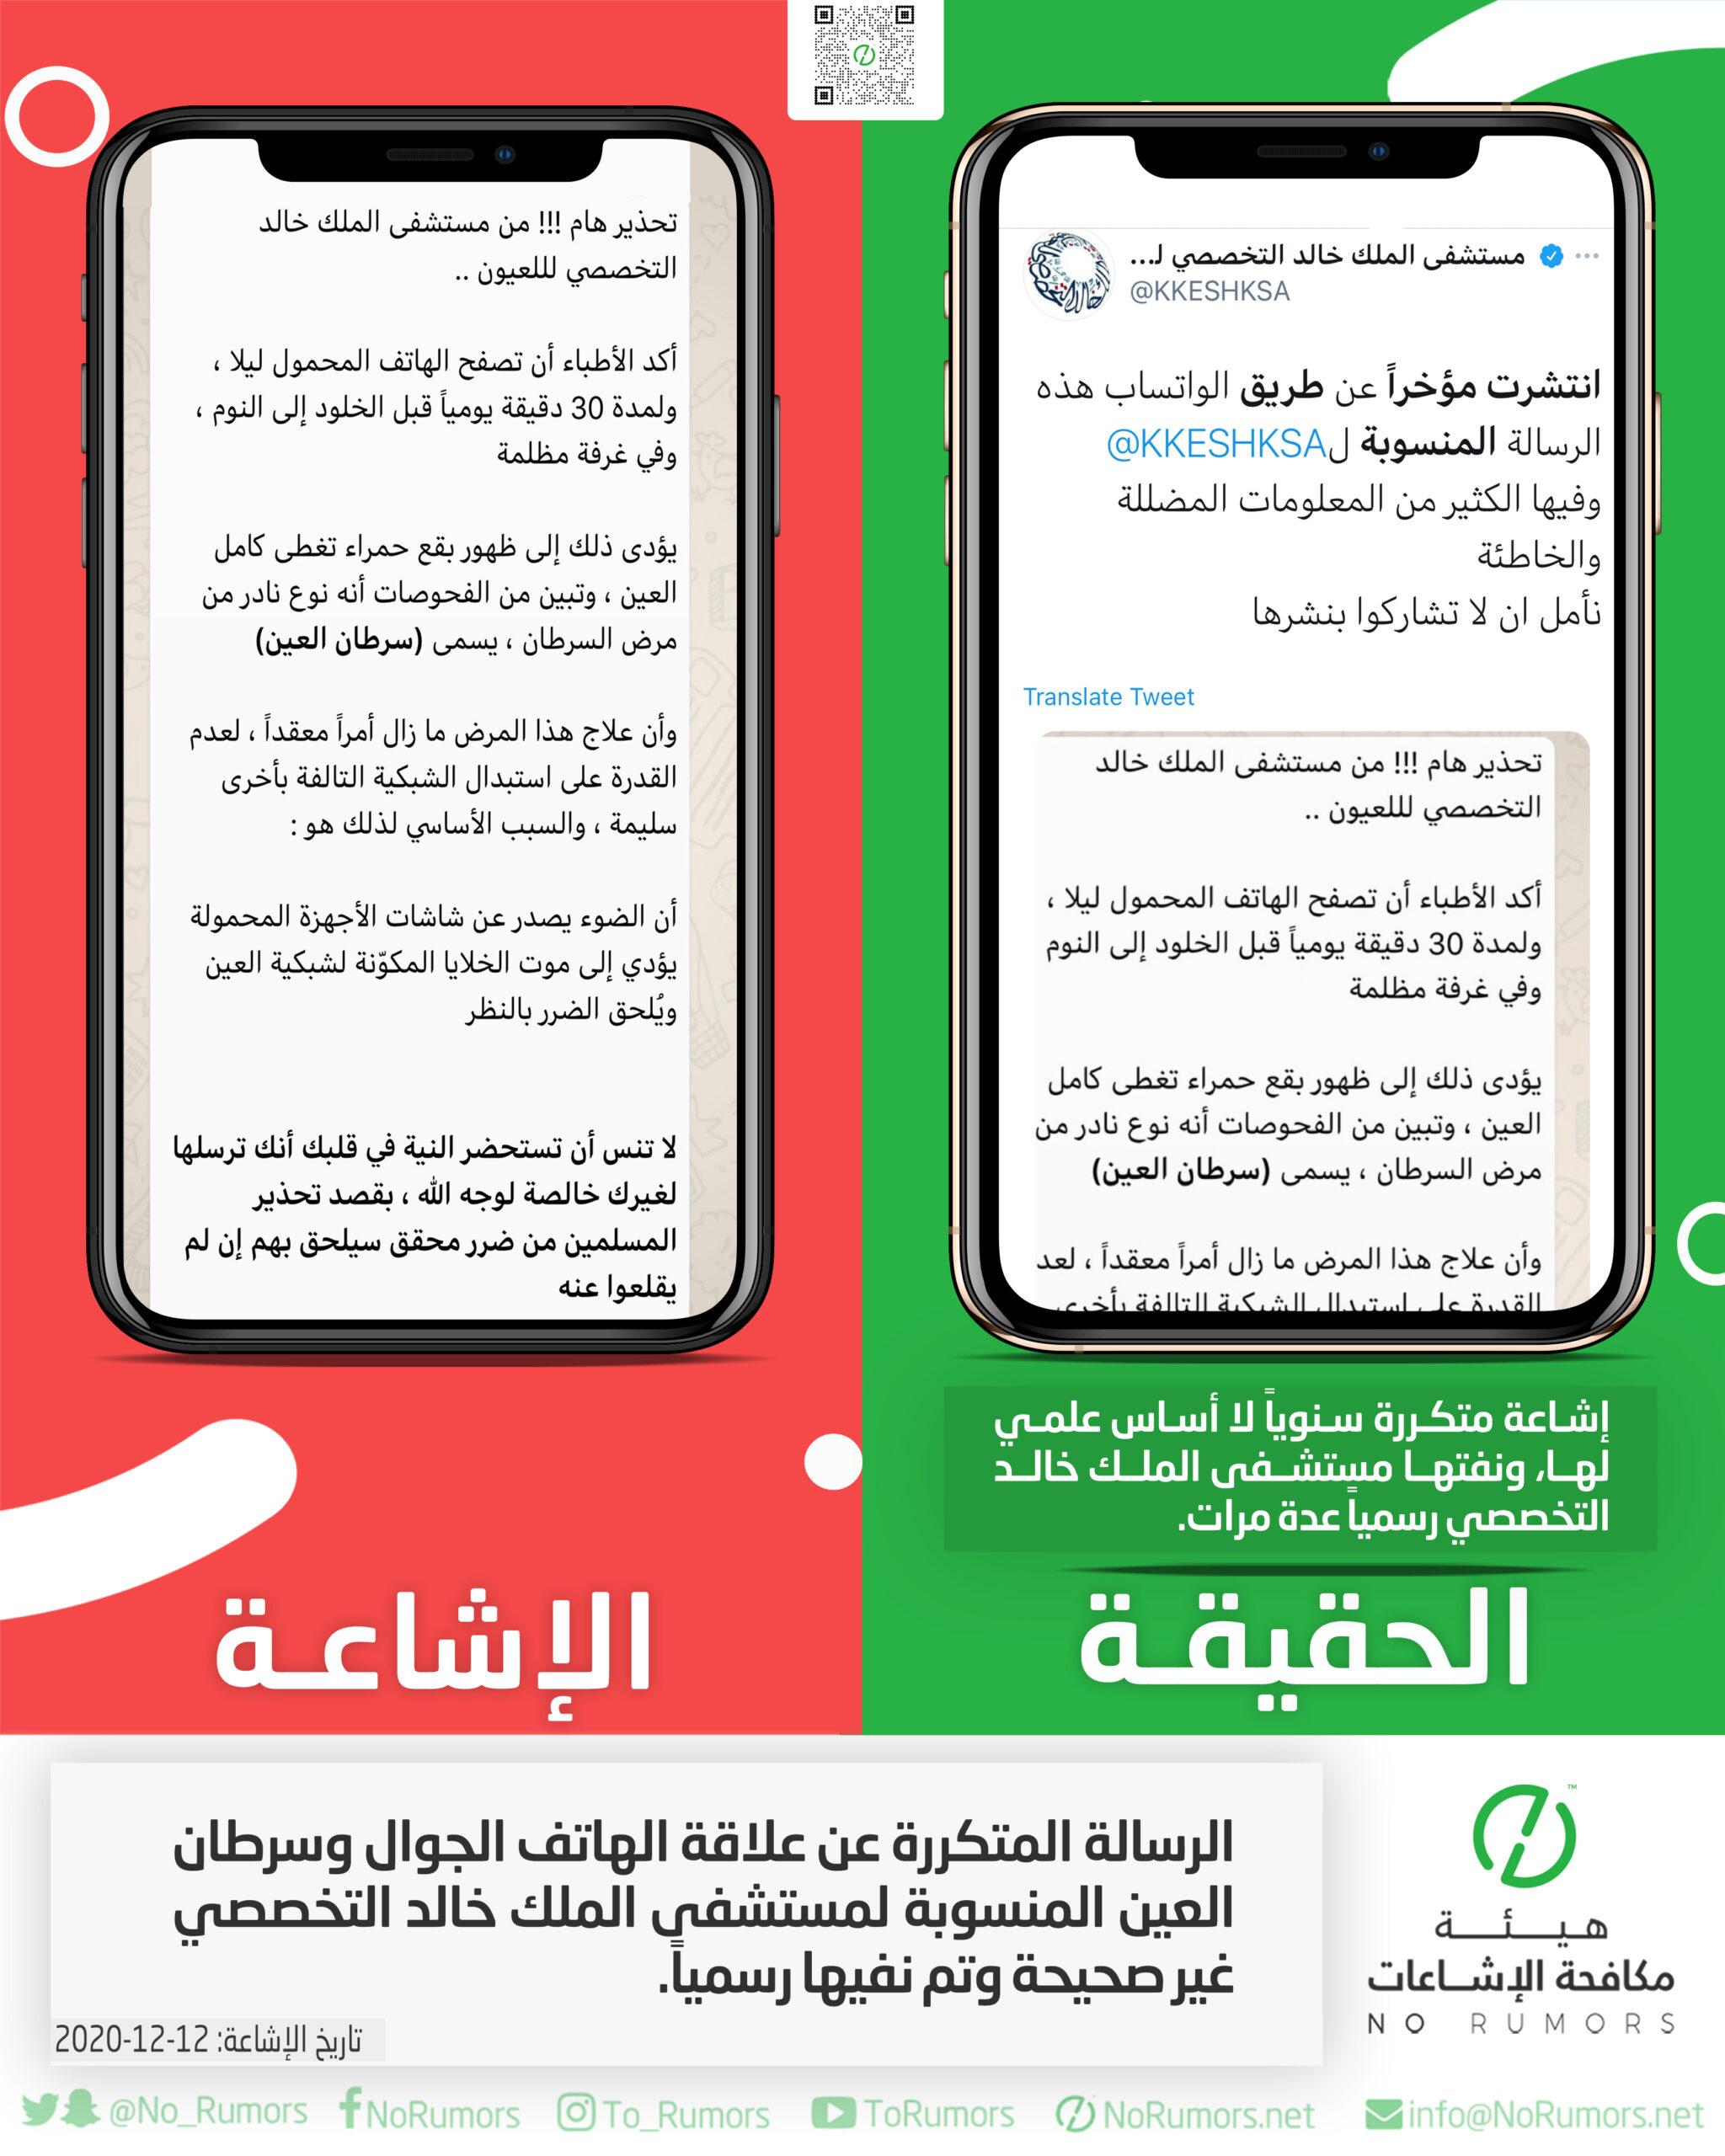 حقيقة الرسالة المتكررة عن علاقة الهاتف الجوال وسرطان العين المنسوبة لمستشفى الملك خالد التخصصي